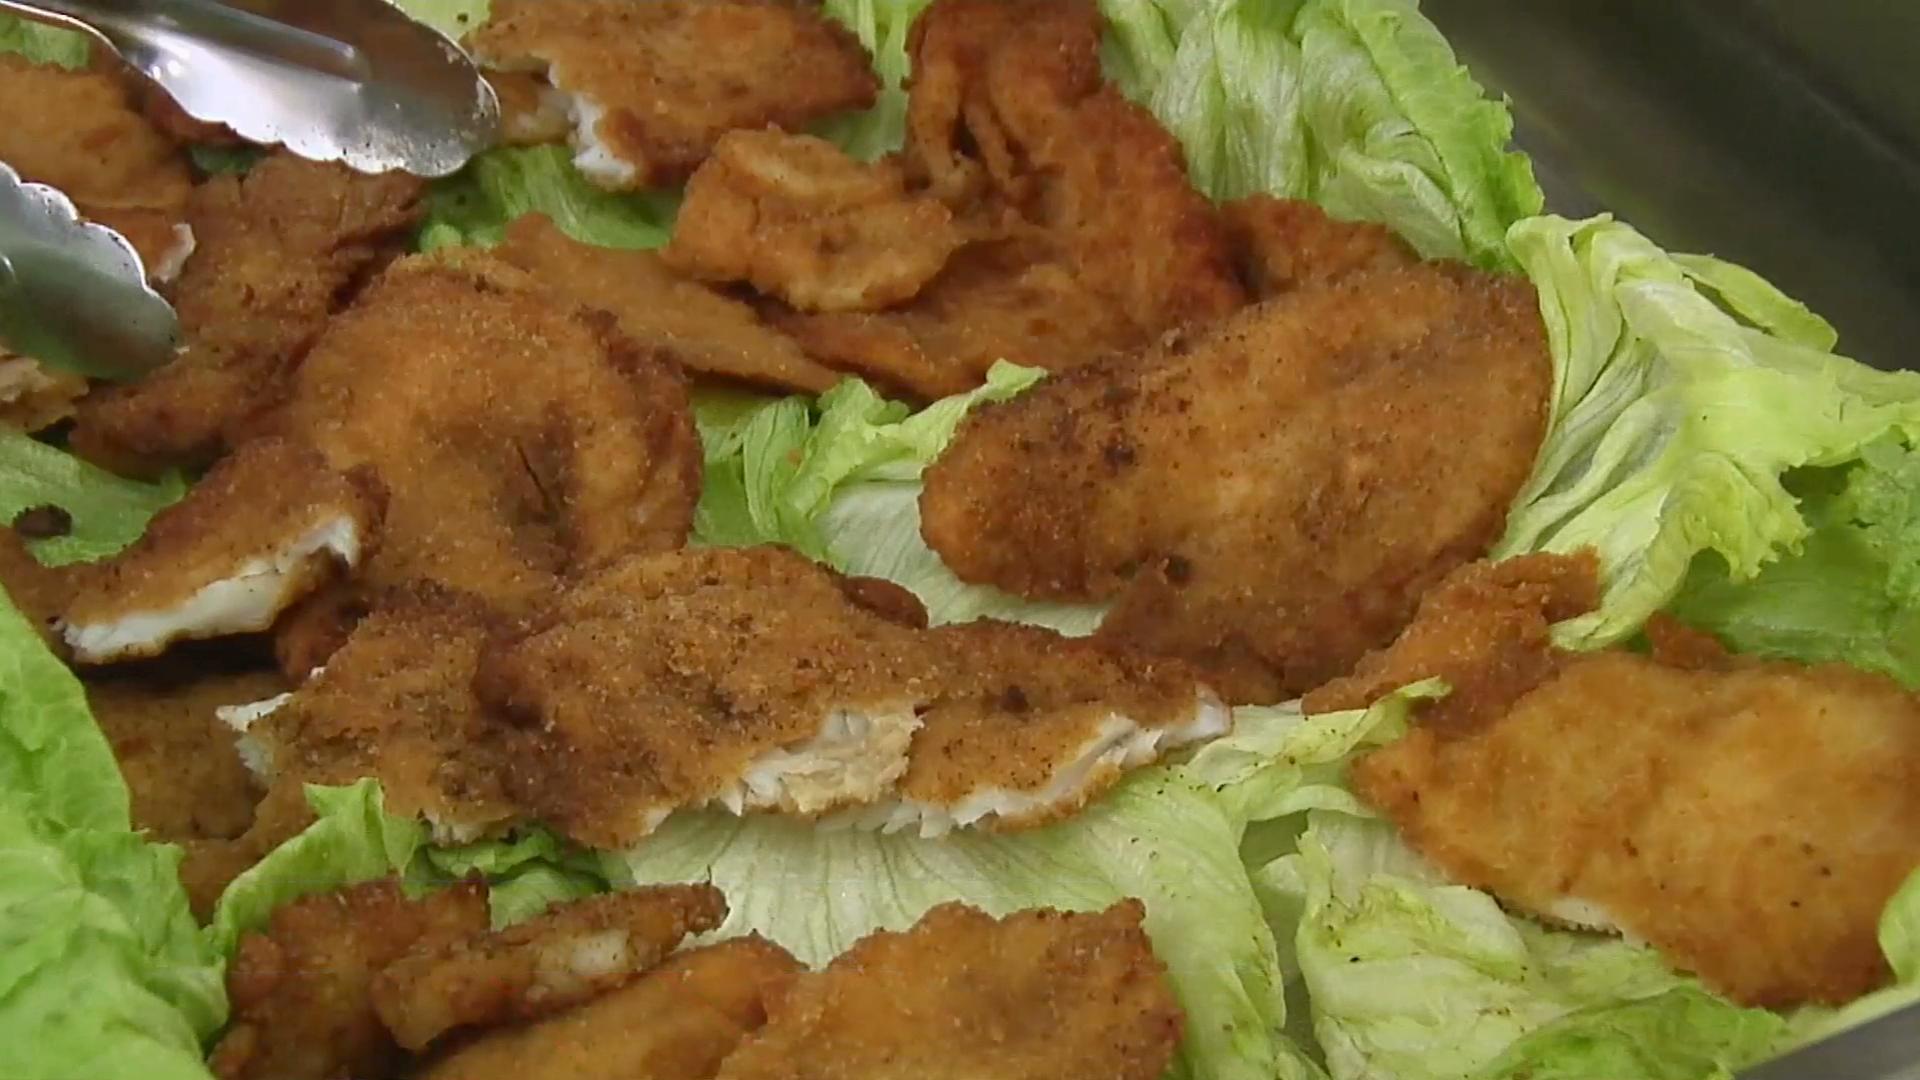 Restaurantes de Boca del Río ofrecerán platillos elaborados con pez león